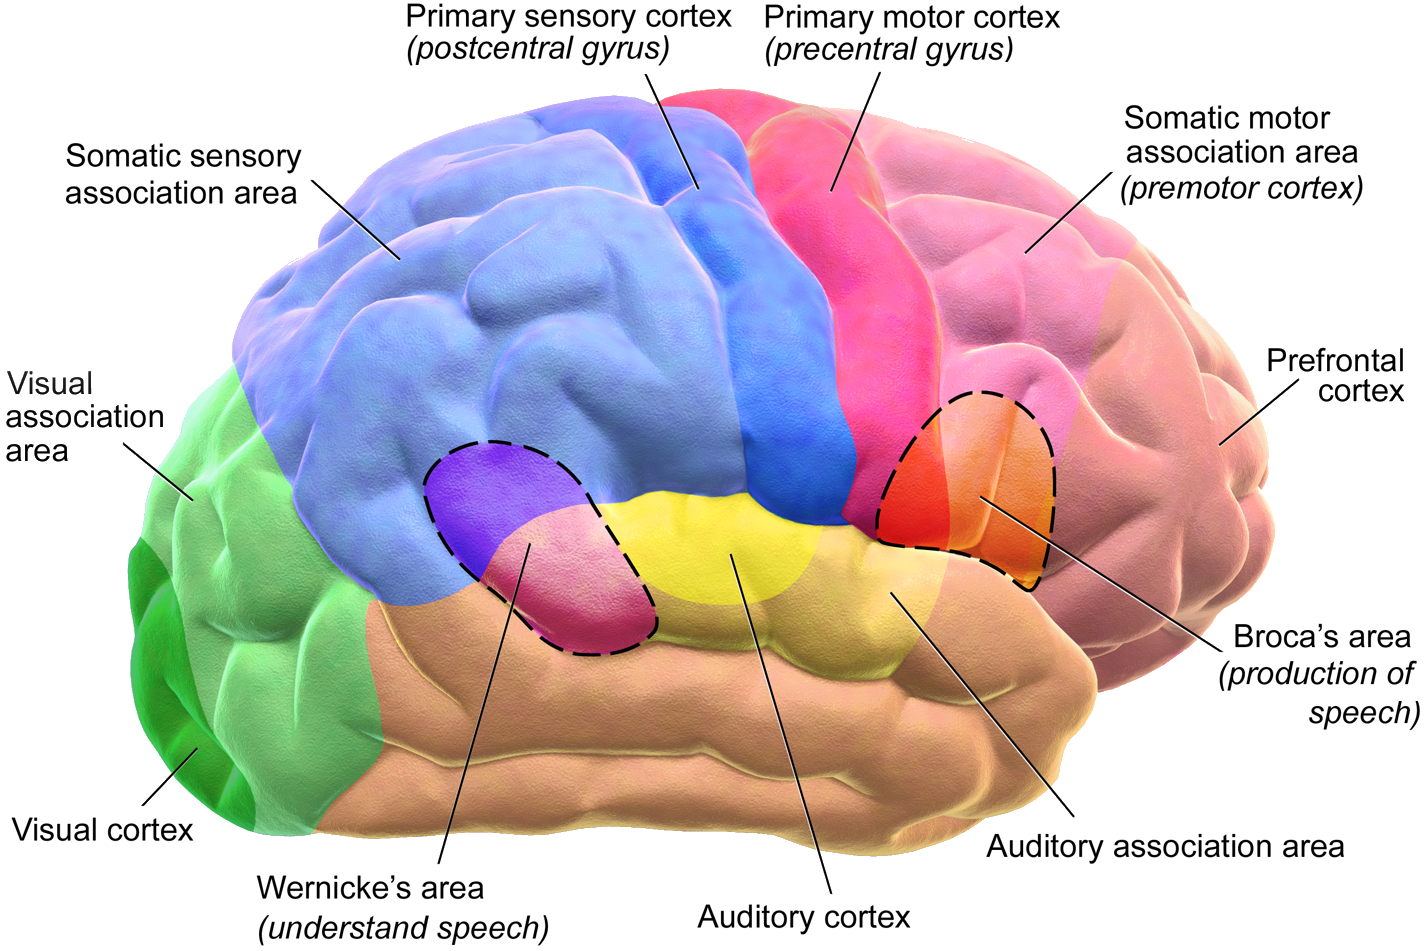 Blausen_0102_Brain_Motor&Sensory_(flipped)